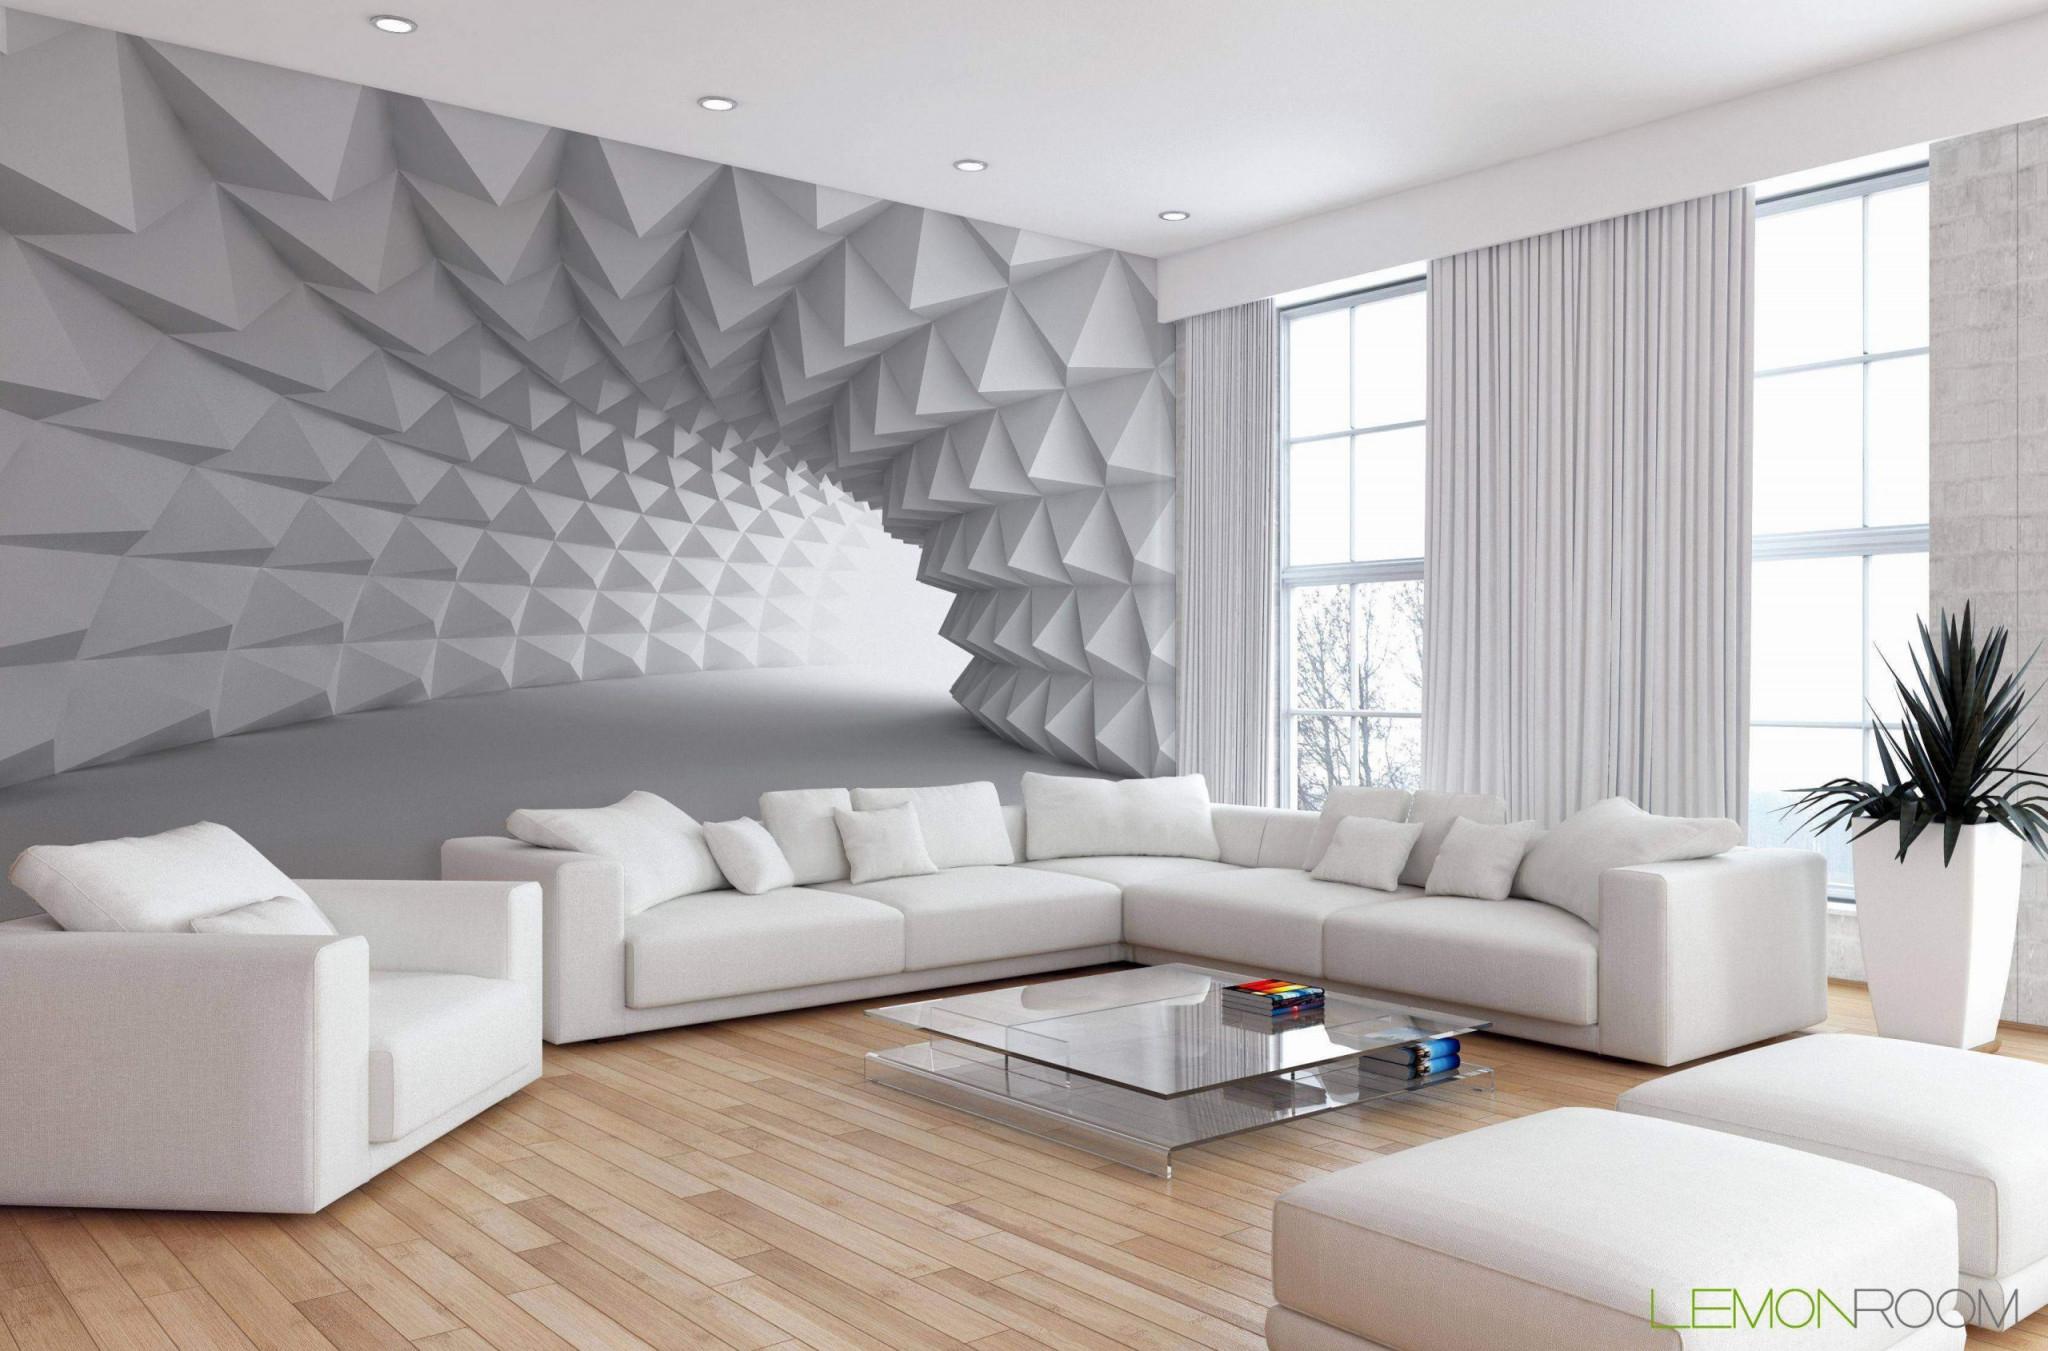 Wohnzimmer Tapezieren Ideen Luxus Tapete Wohnzimmer Ideen von Tapezier Ideen Wohnzimmer Photo